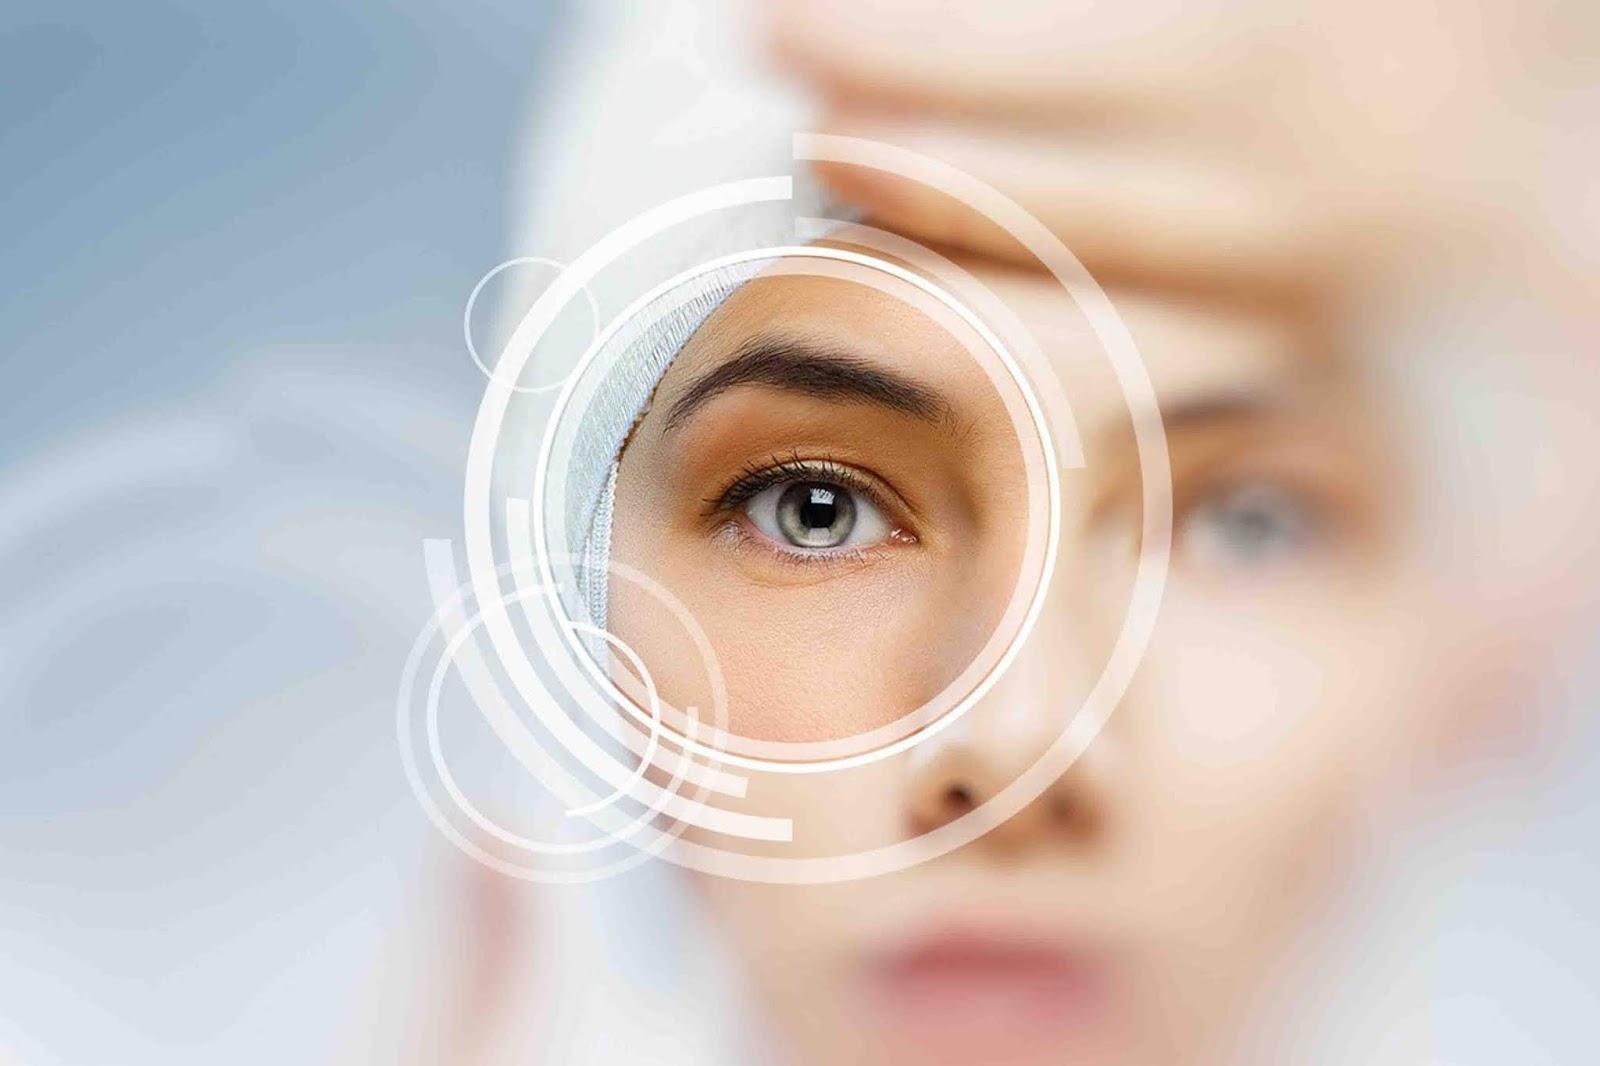 كيف تتم عملية زراعة عدسة العين